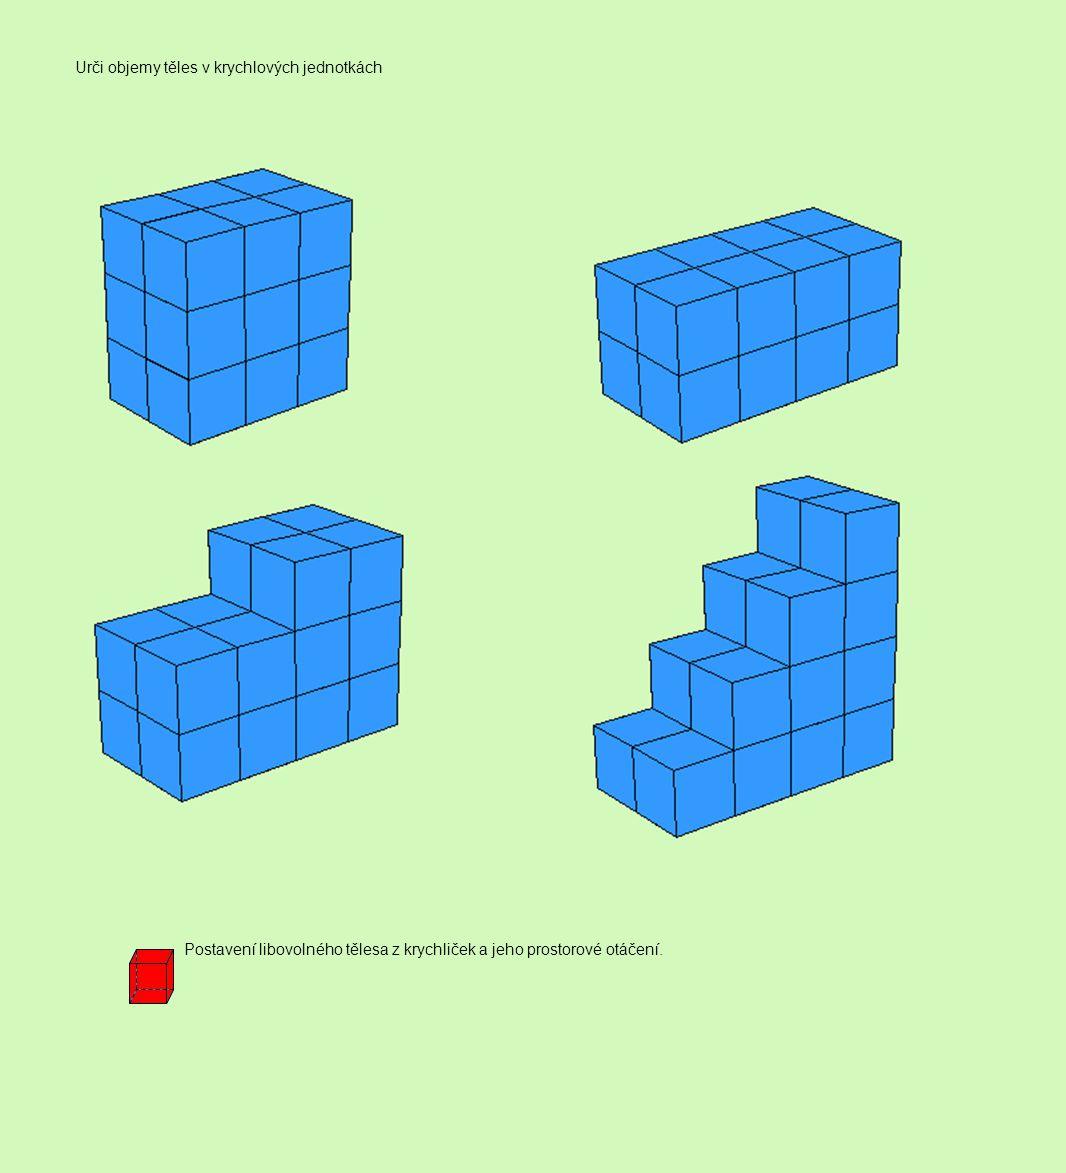 Úkol: Ze stavebnice složte krychle, které budou mít hranu 1, 2, 3, 4 jednotky.